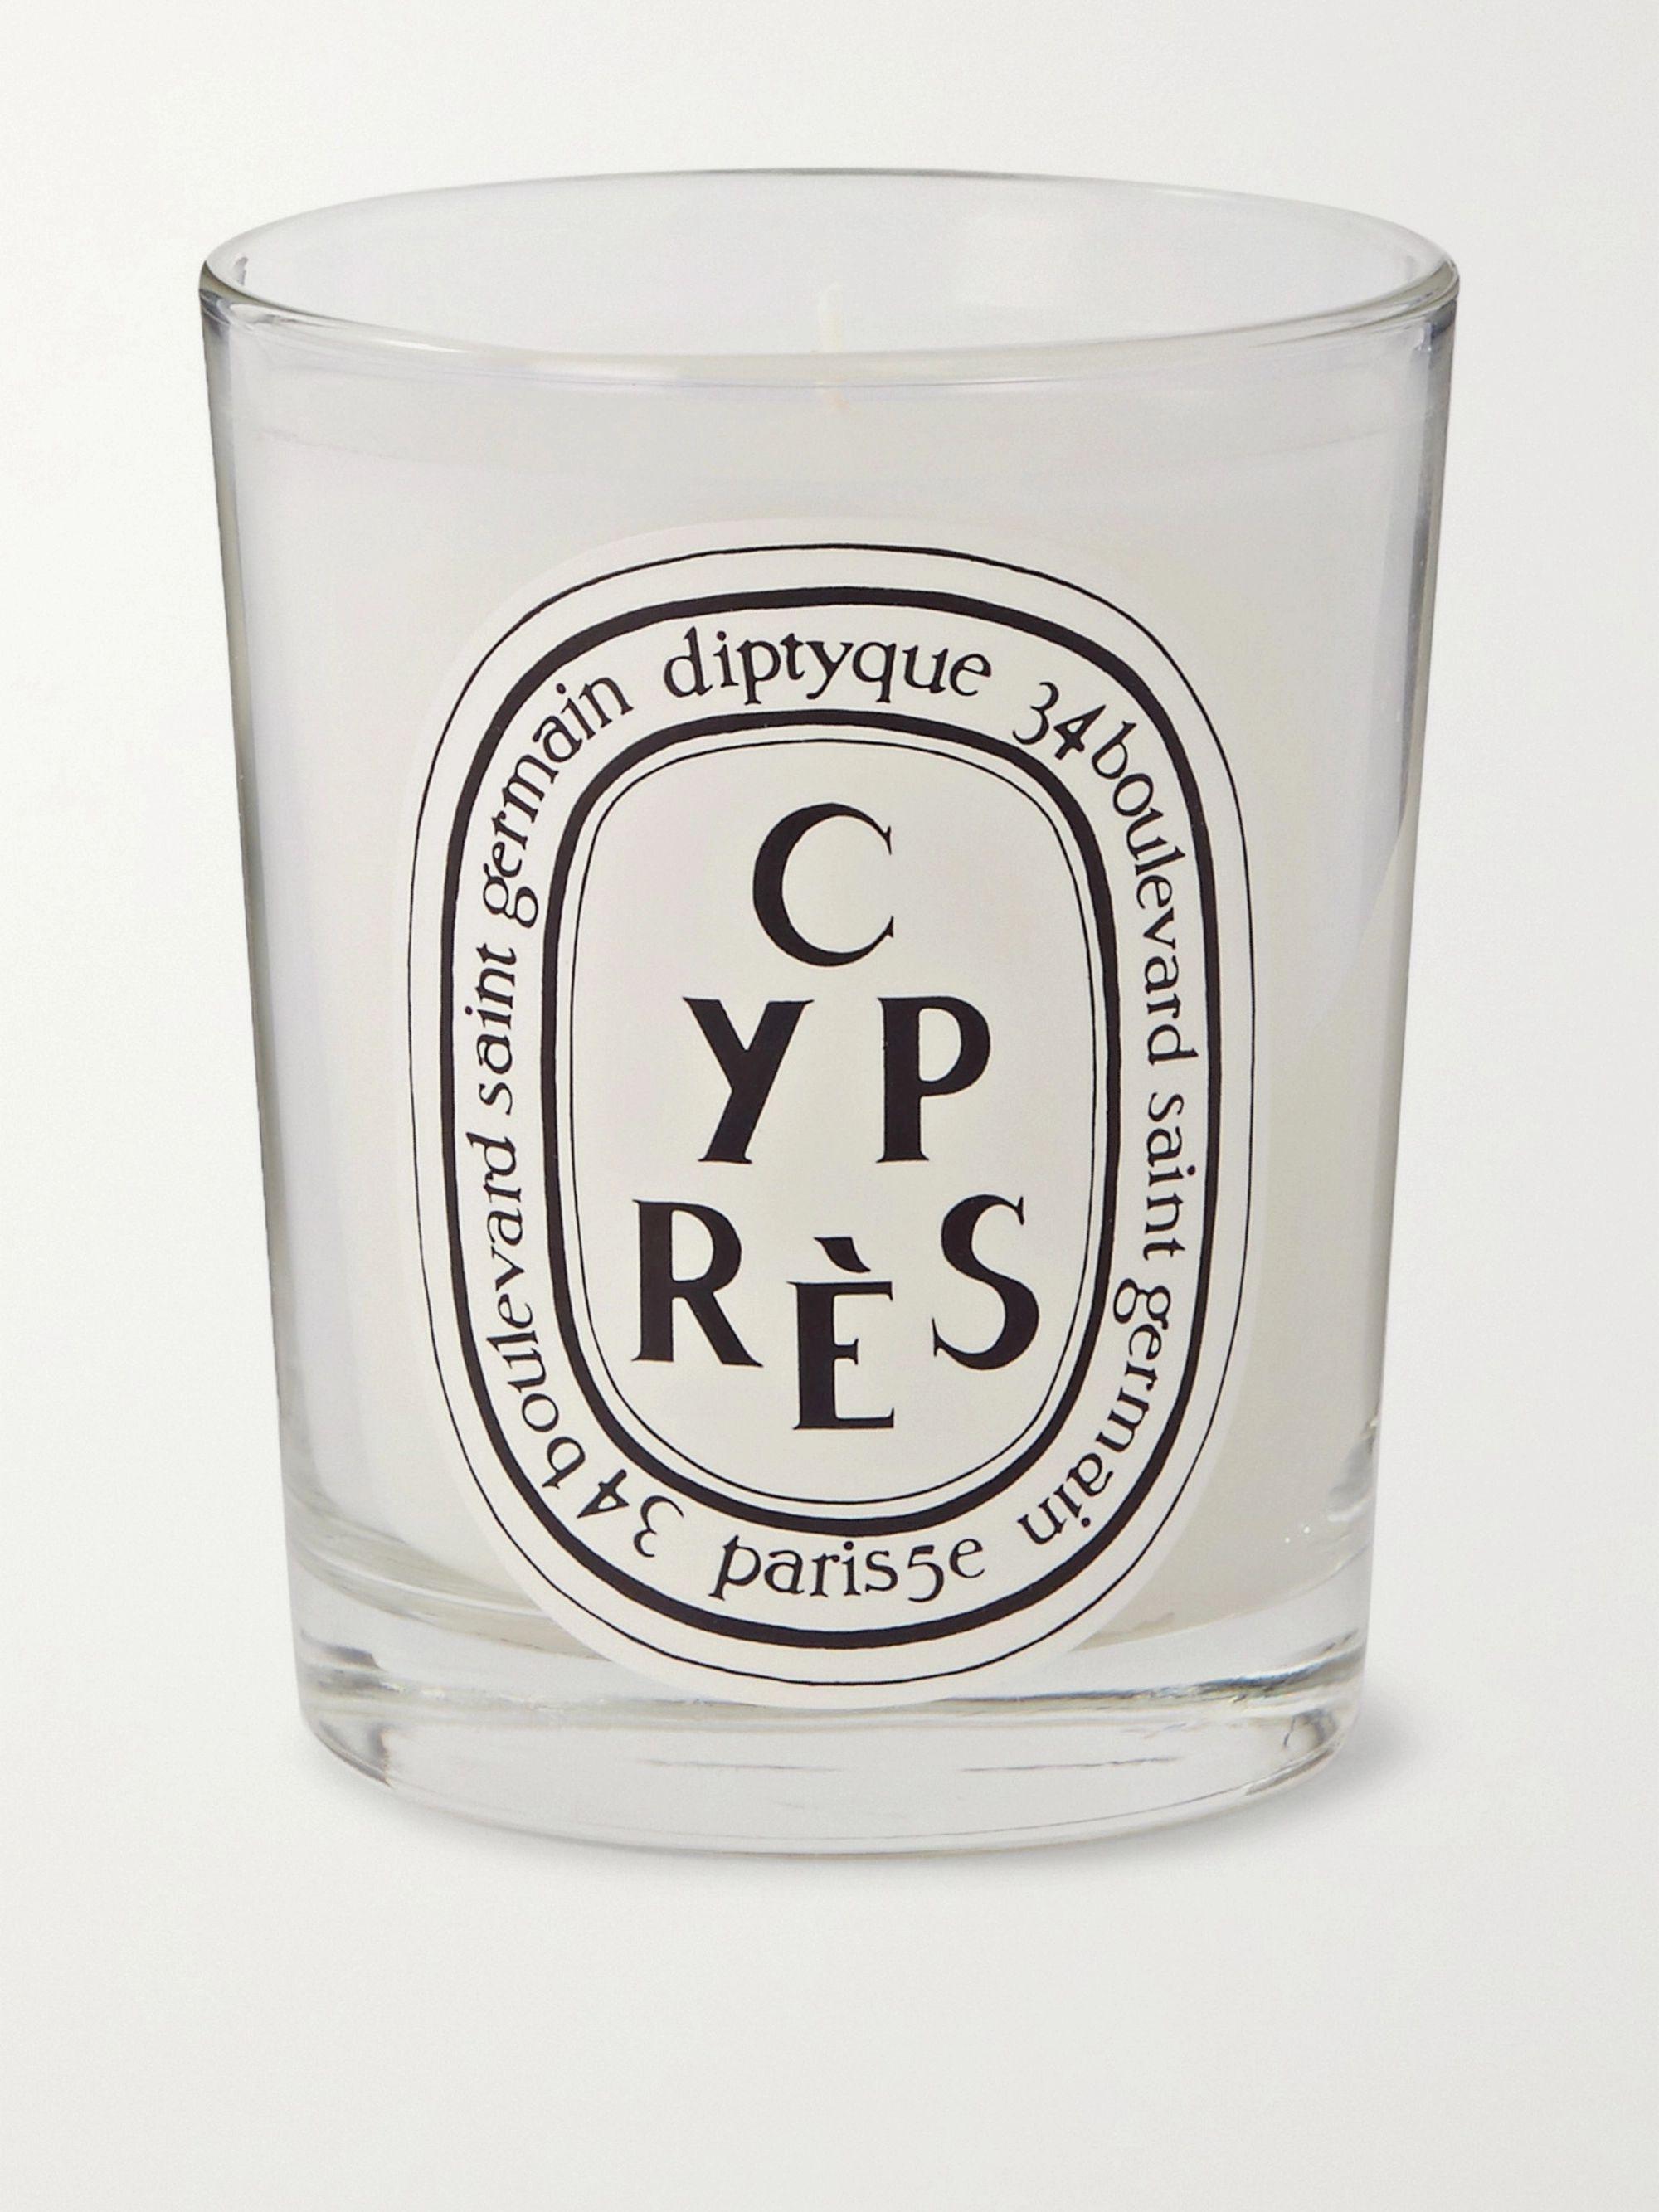 딥티크 씨프레 향초 190g Diptyque Cypres Scented Candle 190g